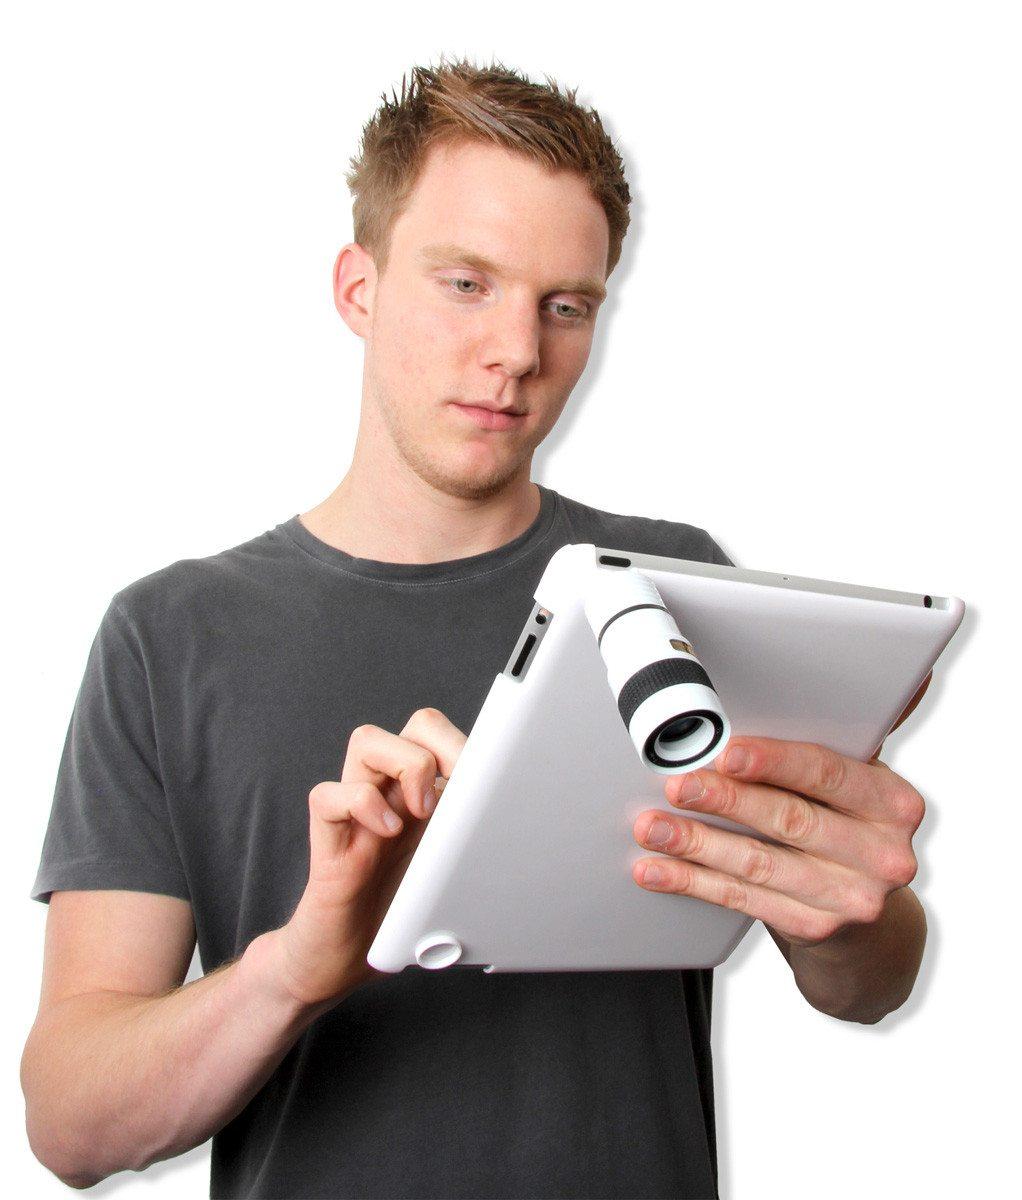 Lente telescópico para Ipad2 para fotógrafos y paparazis